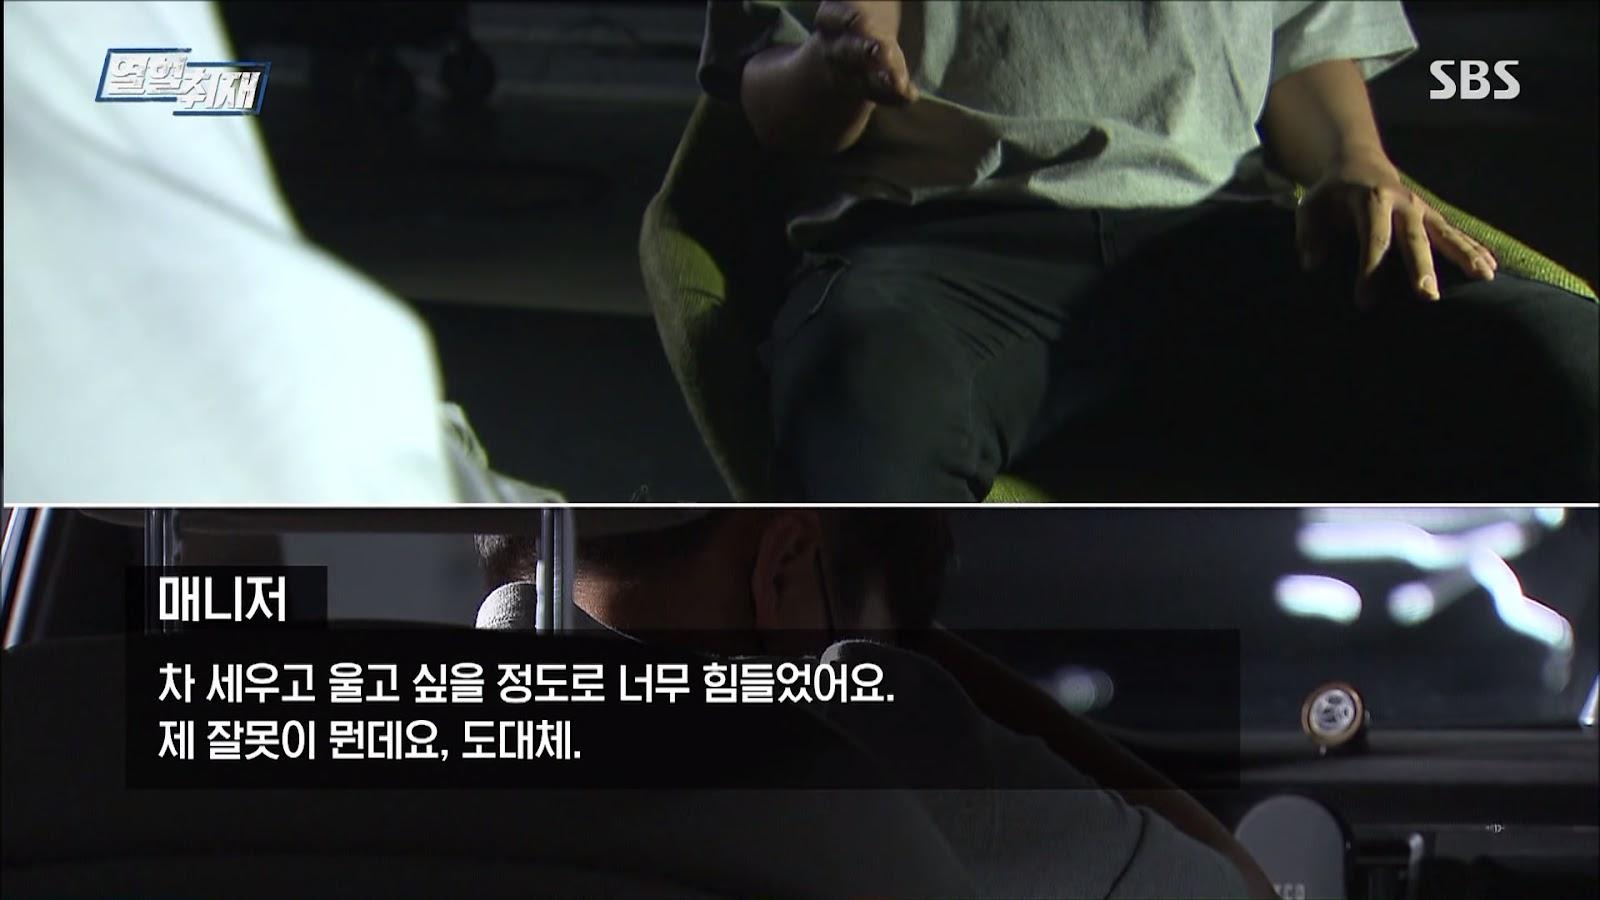 lee soon jae exmanager 4